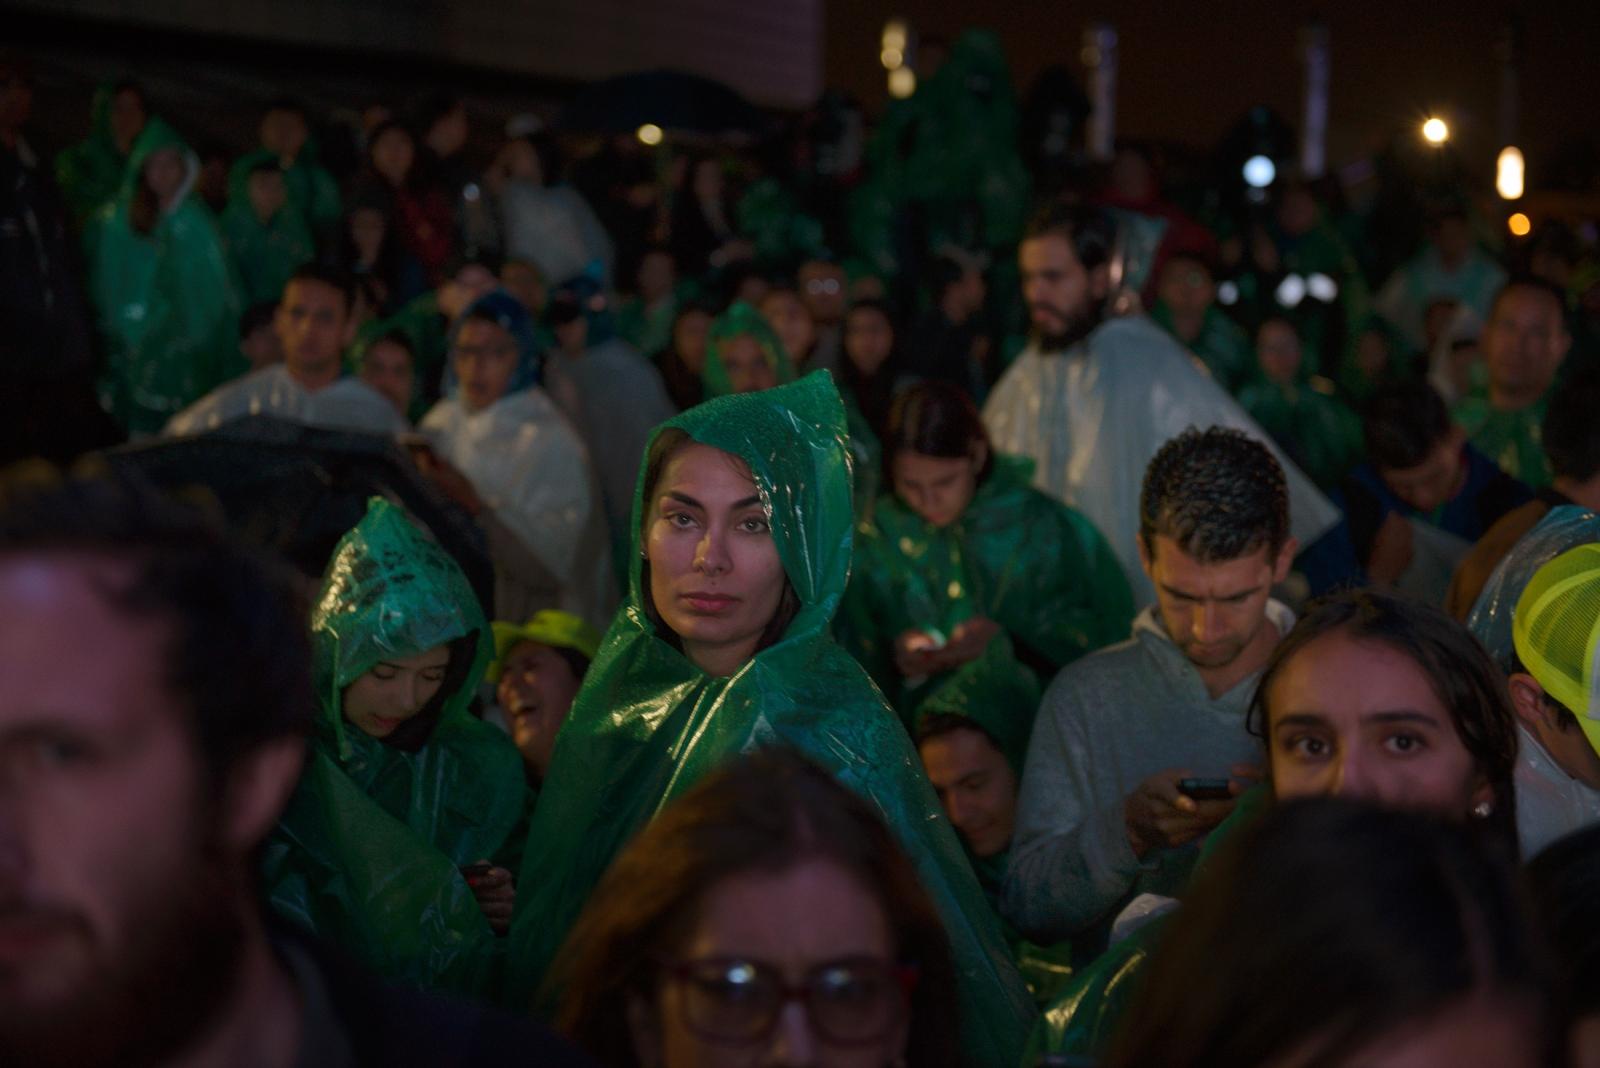 (EN) May 27, 2018 - Bogota, Colombia. Supporters of presidential candidate Sergio Fajardo during the end of the first round of the 2018 presidential elections. (ES) 27 de mayo 2018 - Bogotá, Colombia. Partidarios del candidato presidencial Sergio Fajardo al término de la primera vuelta de elecciones presidenciales 2018.